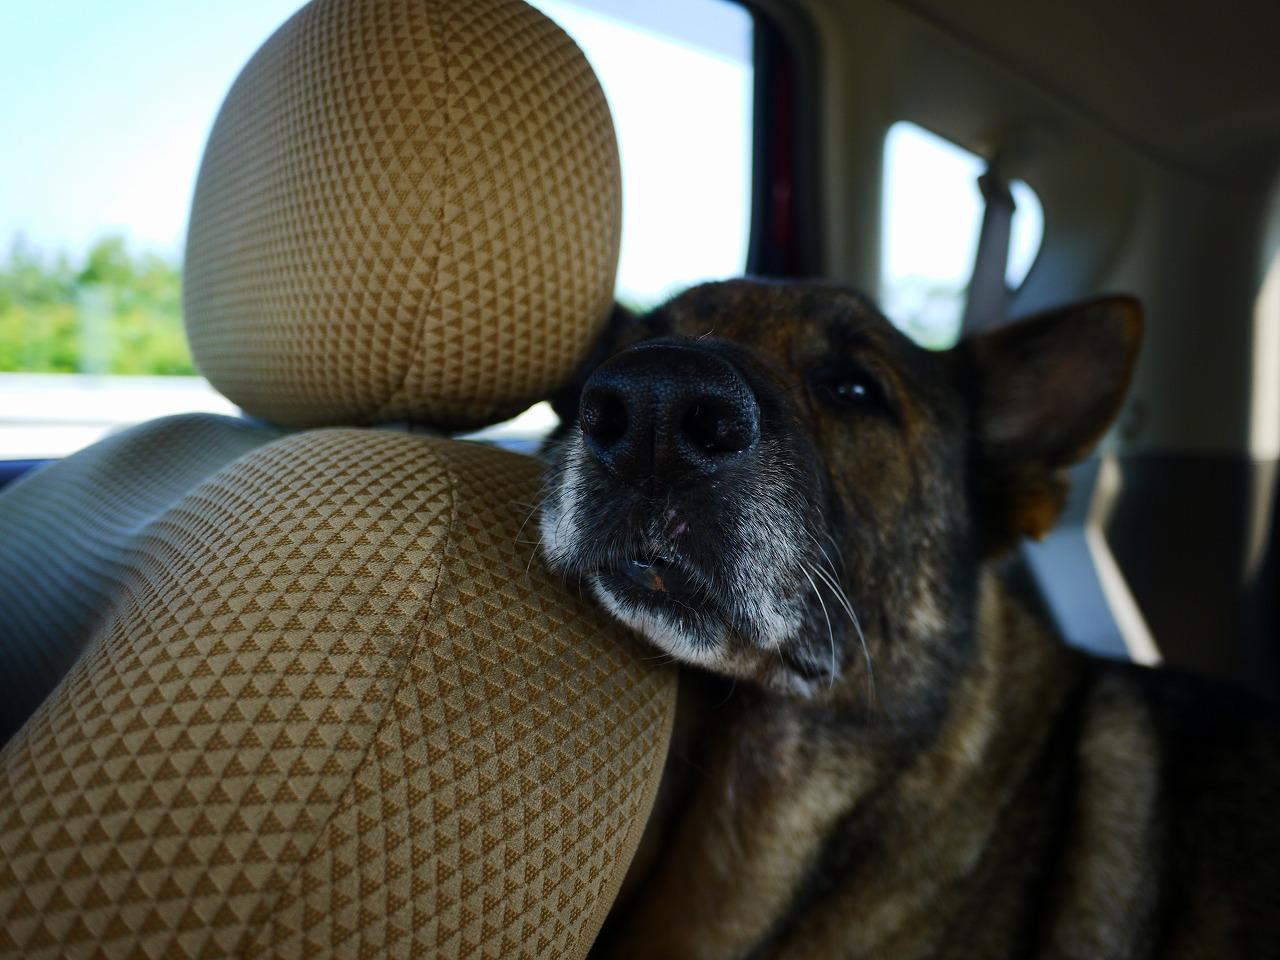 【休まらない】車に慣れたシェパードはこんなに自由に寝る事が出来る